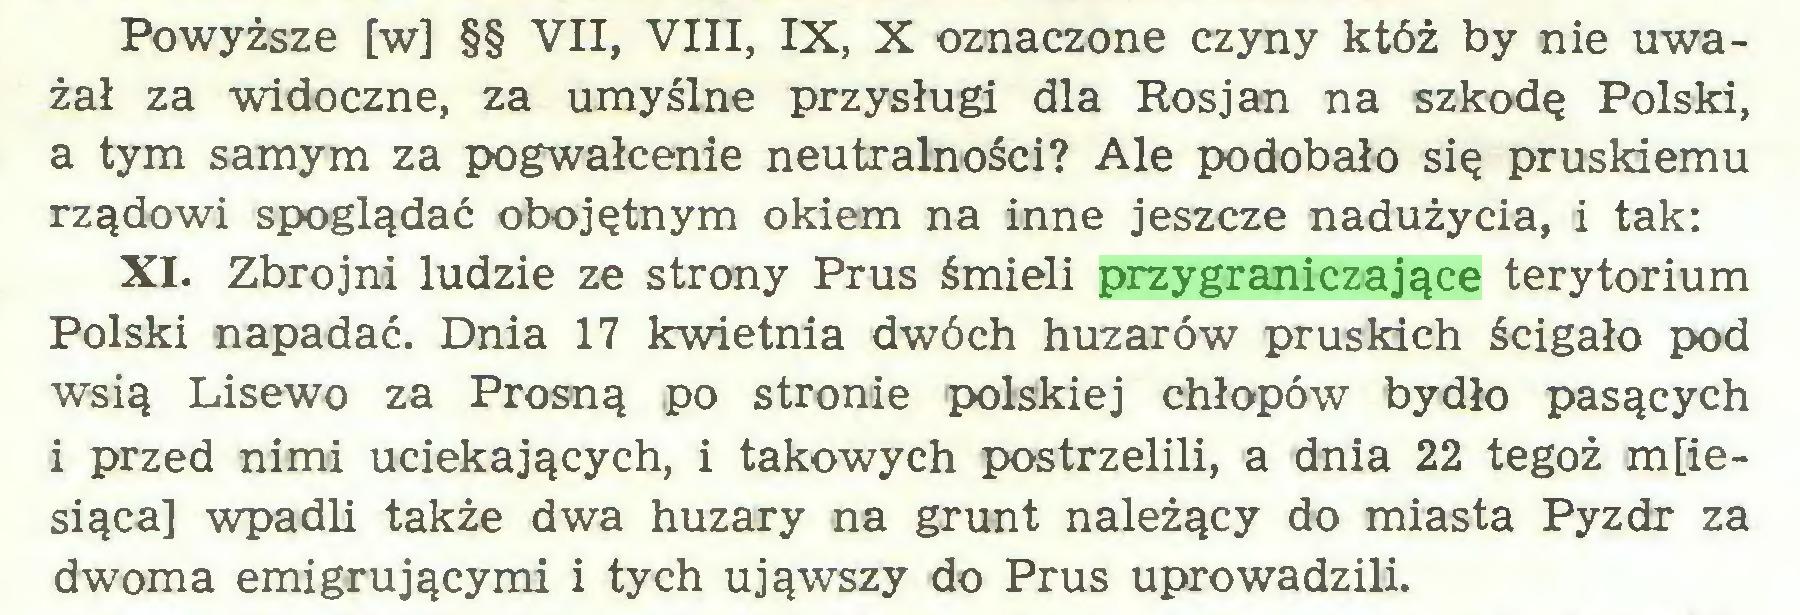 (...) Powyższe [w] §§ VII, VIII, IX, X oznaczone czyny któż by nie uważał za widoczne, za umyślne przysługi dla Rosjan na szkodę Polski, a tym samym za pogwałcenie neutralności? Ale podobało się pruskiemu rządowi spoglądać obojętnym okiem na inne jeszcze nadużycia, i tak: XI. Zbrojni ludzie ze strony Prus śmieli przygraniczające terytorium Polski napadać. Dnia 17 kwietnia dwóch huzarów pruskich ścigało pod wsią Lisewo za Prosną po stronie polskiej chłopów bydło pasących i przed nimi uciekających, i takowych postrzelili, a dnia 22 tegoż miesiąca] wpadli także dwa huzary na grunt należący do miasta Pyzdr za dwoma emigrującymi i tych ująwszy do Prus uprowadzili...